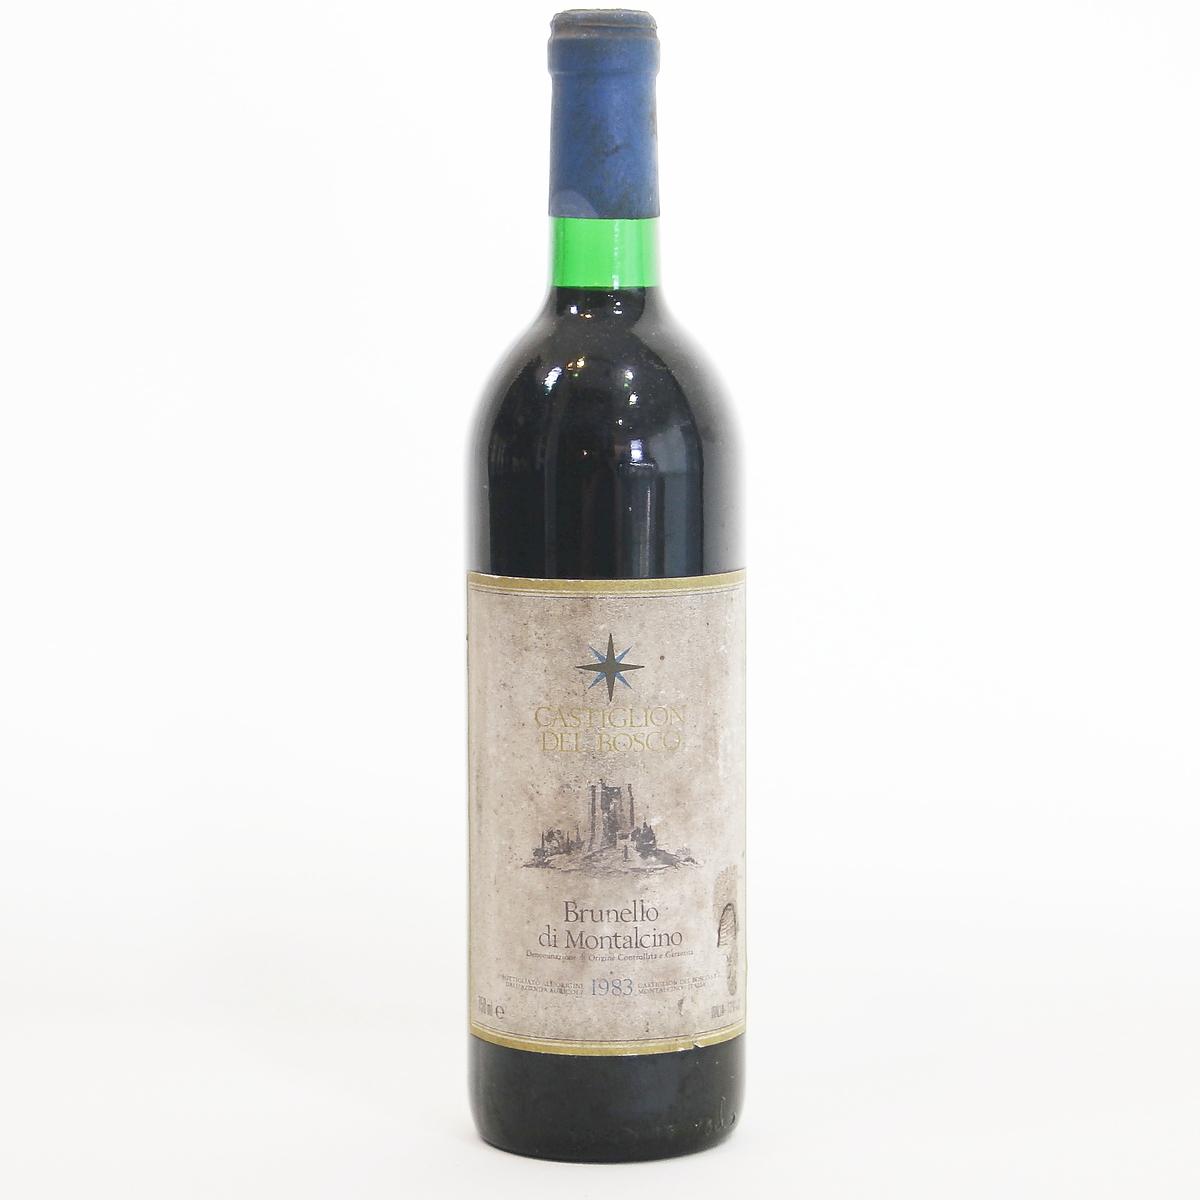 Brunello di Montalcino 1983 Castiglion del abosco ブルネロ・ディ・モンタルチーノ カスティリオン・デル・ボスコ  イタリア トスカーナ州 モンタルチーノ村 赤ワイン 750ml